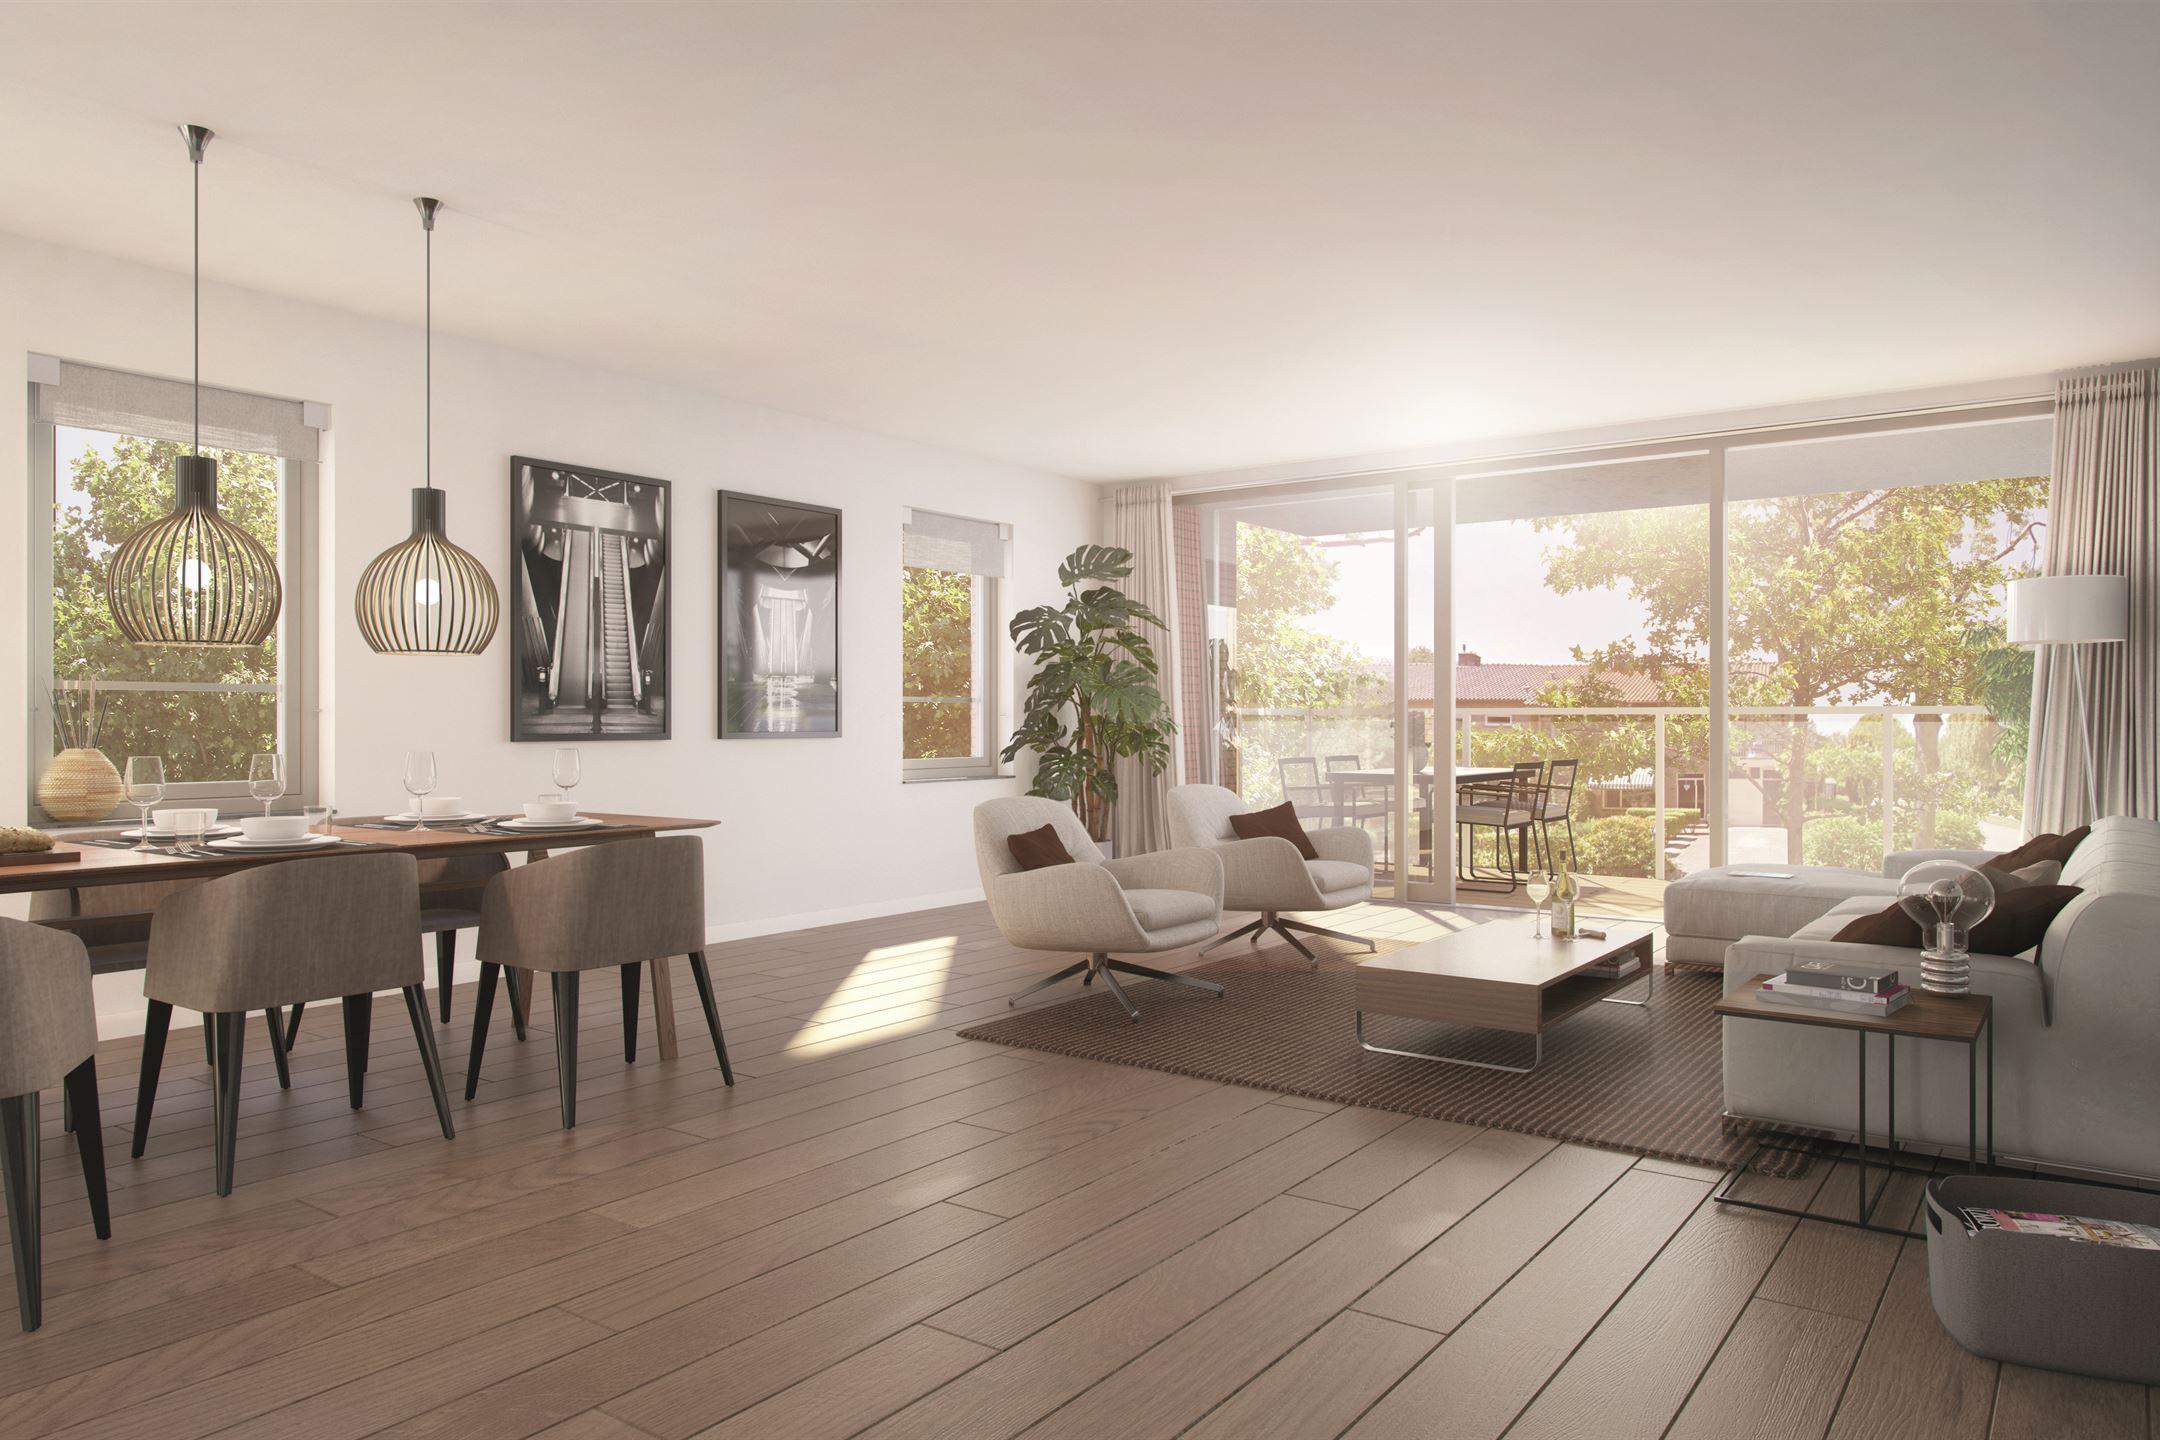 Appartement te koop: alexander bouwnr. 5 3136 vlaardingen [funda]